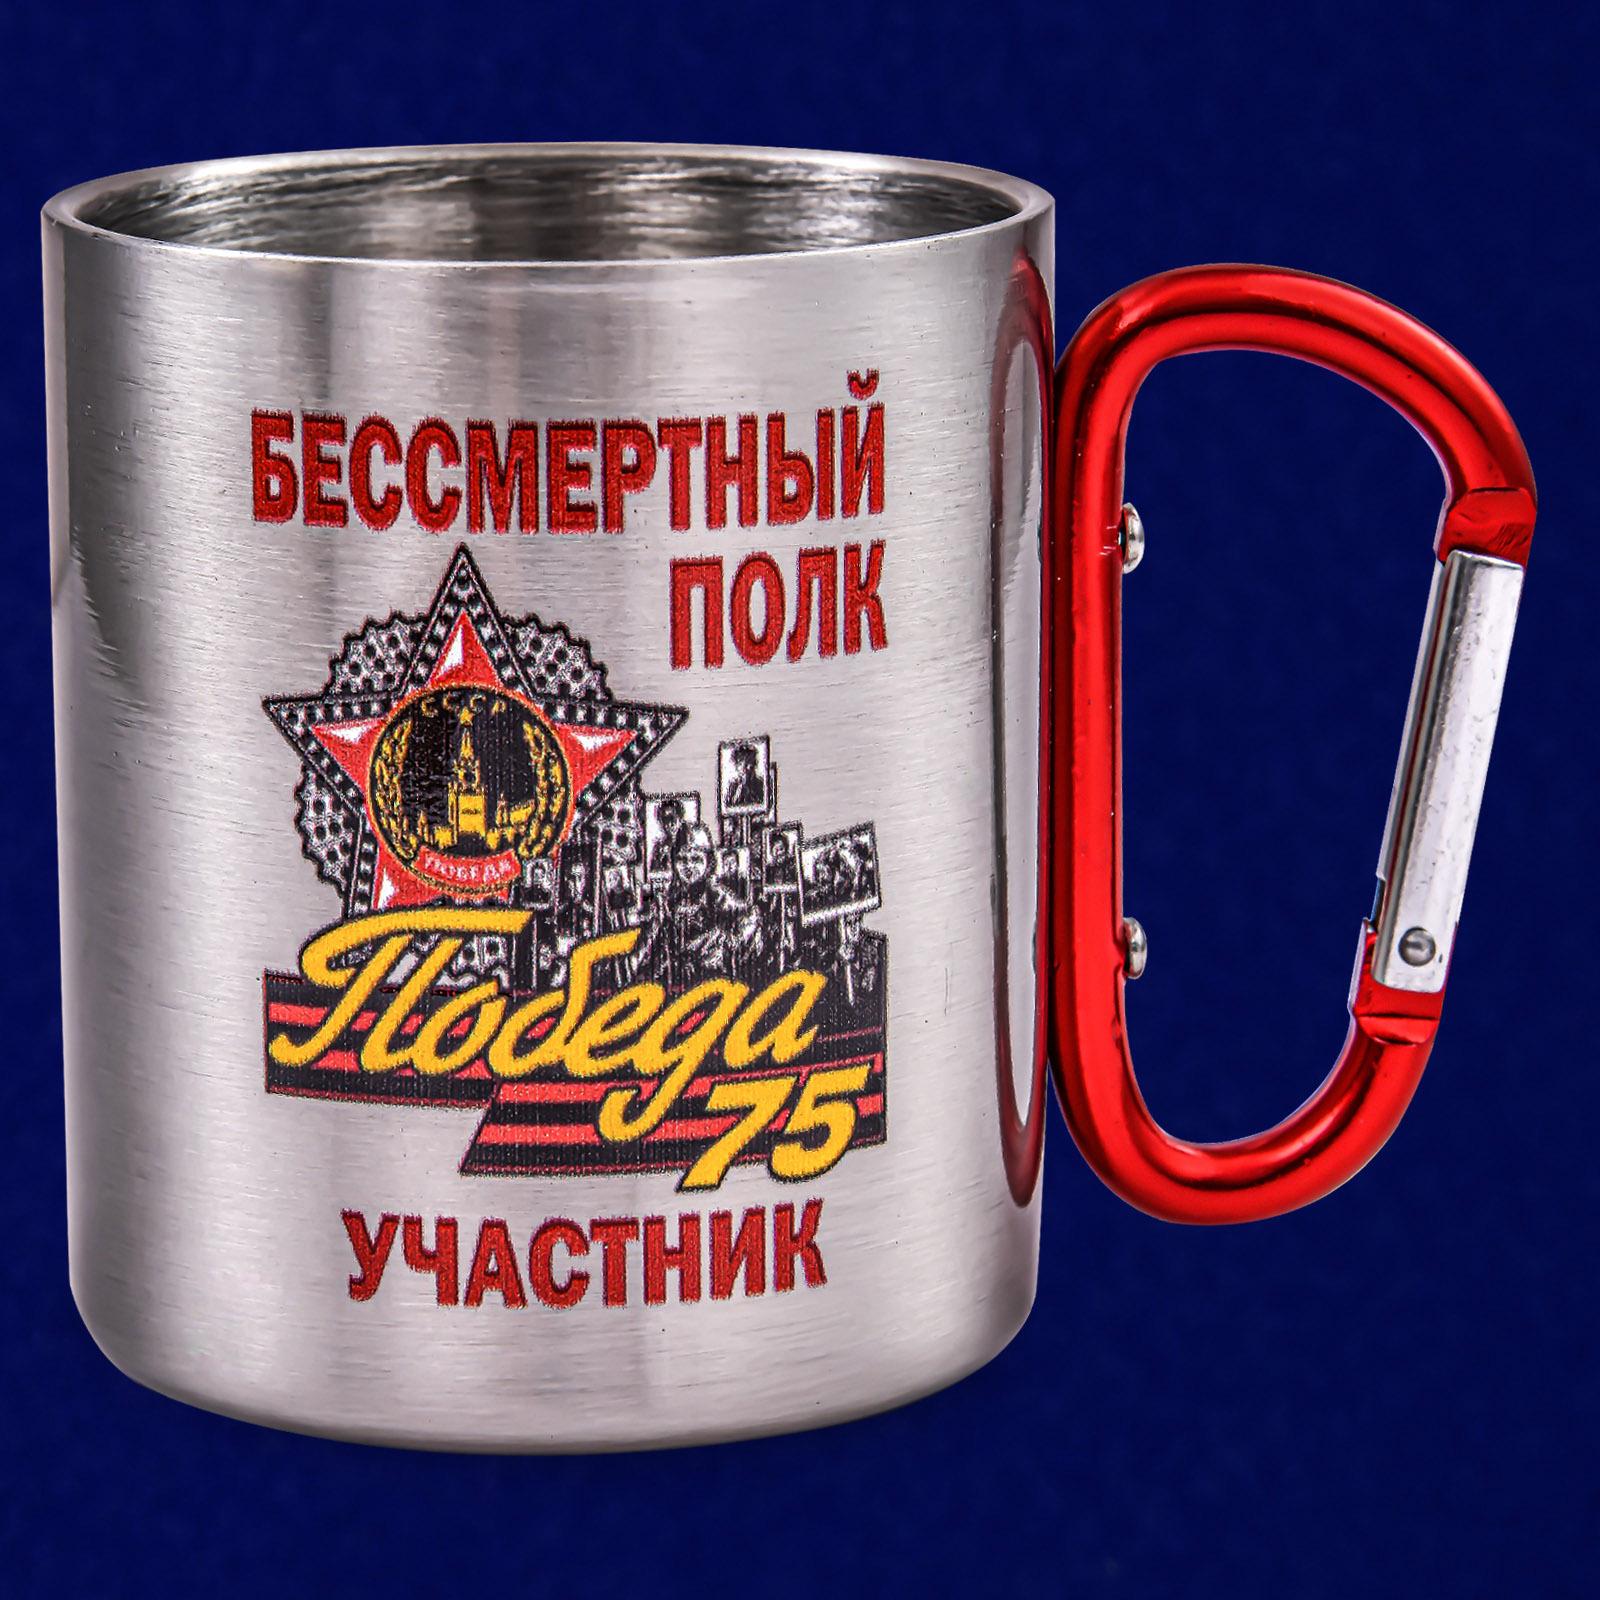 Подарочная кружка с карабином участнику Бессмертного полка - недорого в Военпро